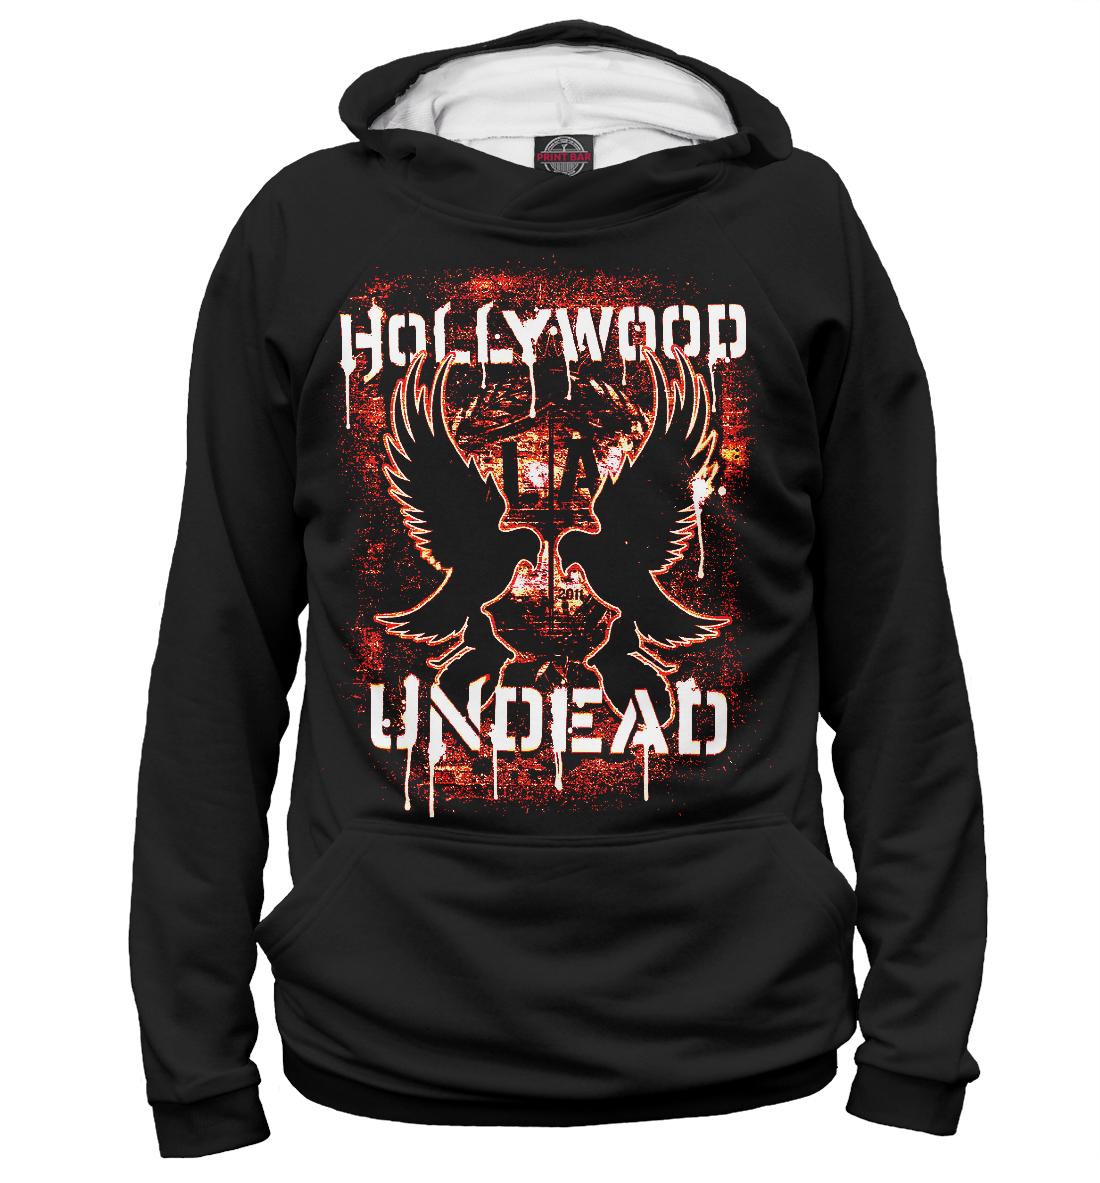 Купить Hollywood Undead, Printbar, Худи, HLW-728722-hud-2